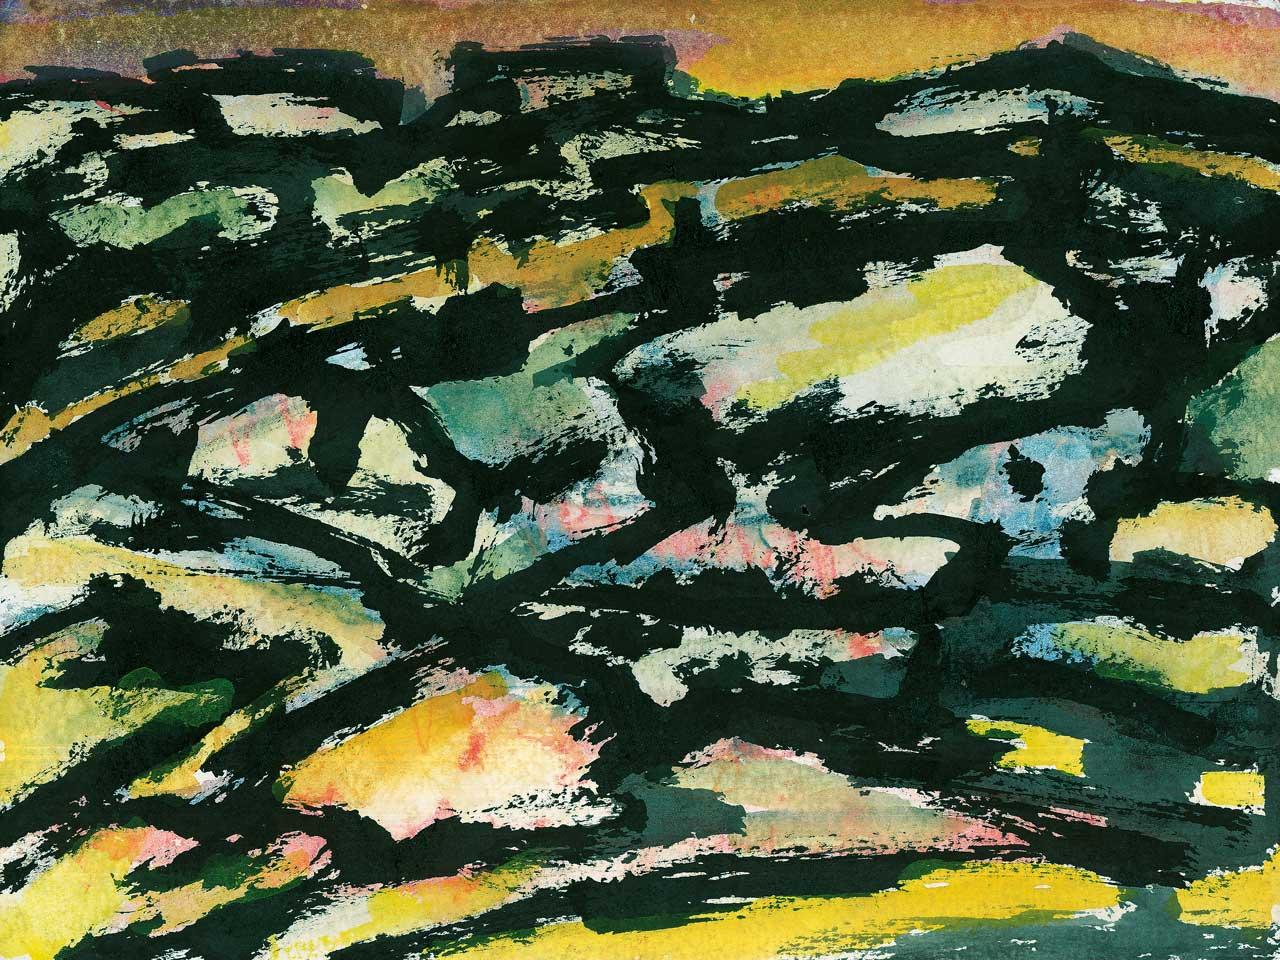 Norbert Klora, The Thar Desert 02